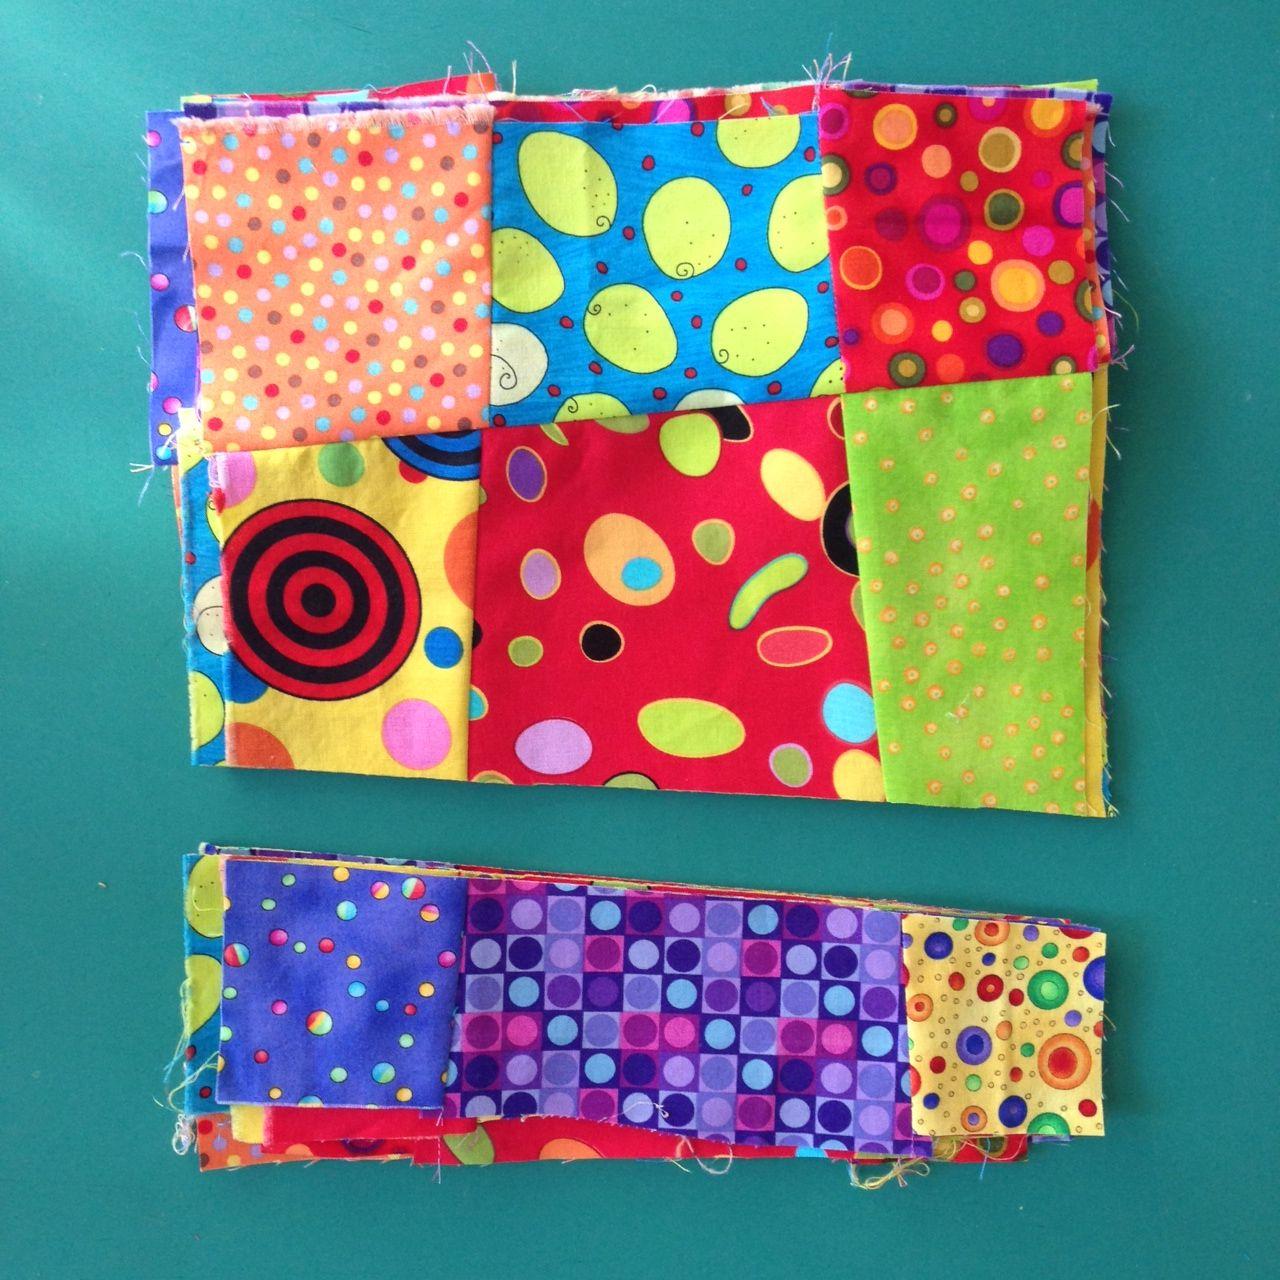 Stitch a Quick and Easy Crazy Nine Patch Quilt Pattern | Patterns ... : crazy nine patch quilt - Adamdwight.com